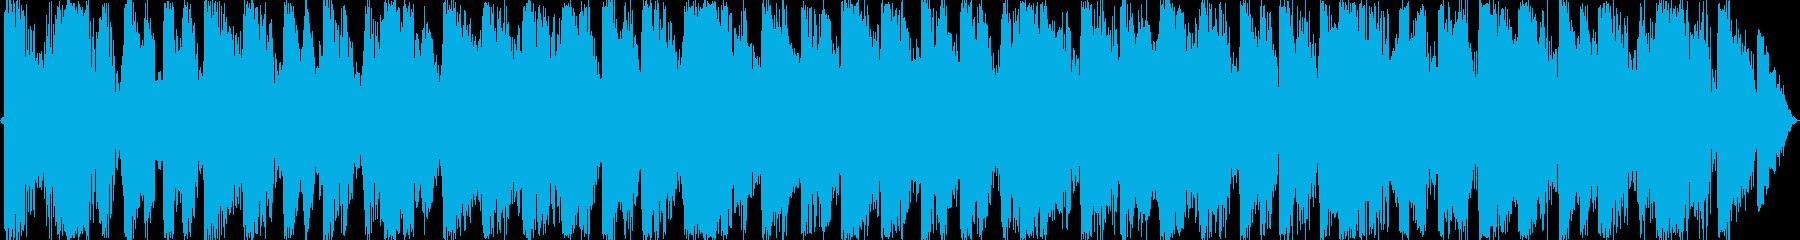 テクノダンス系の再生済みの波形